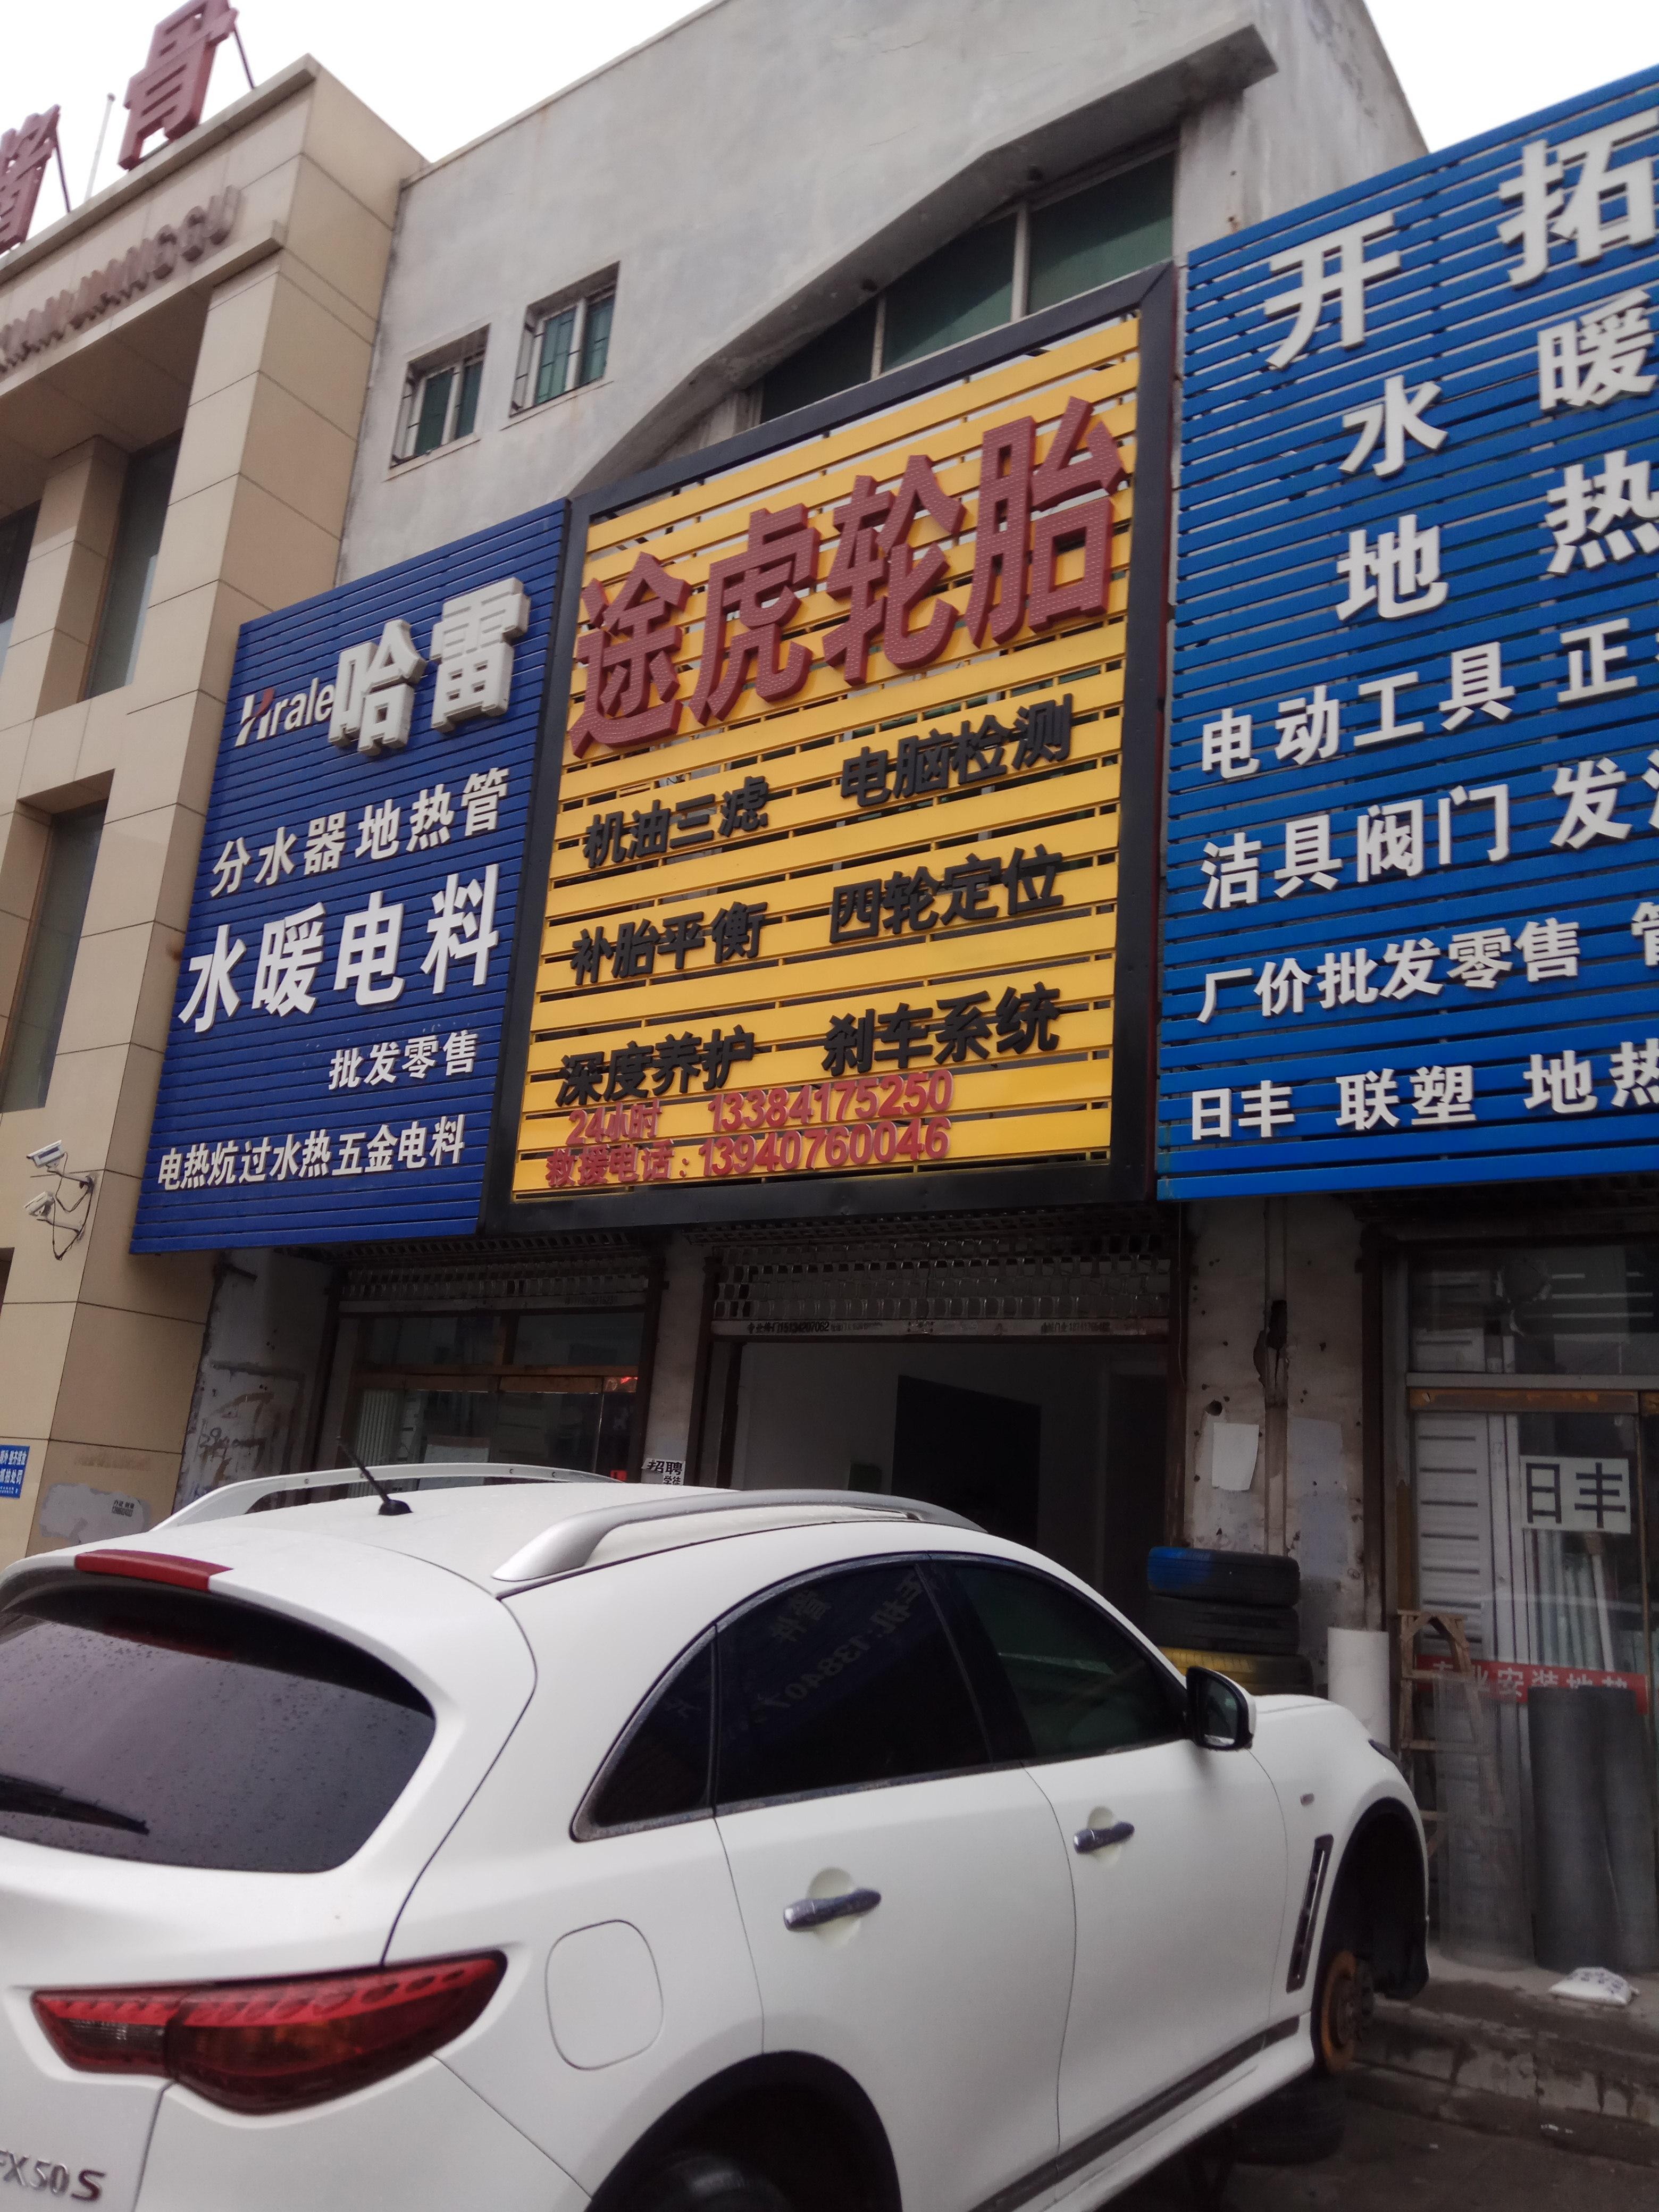 辽宁省营口市鲅鱼圈区辽东湾大街红海市场北